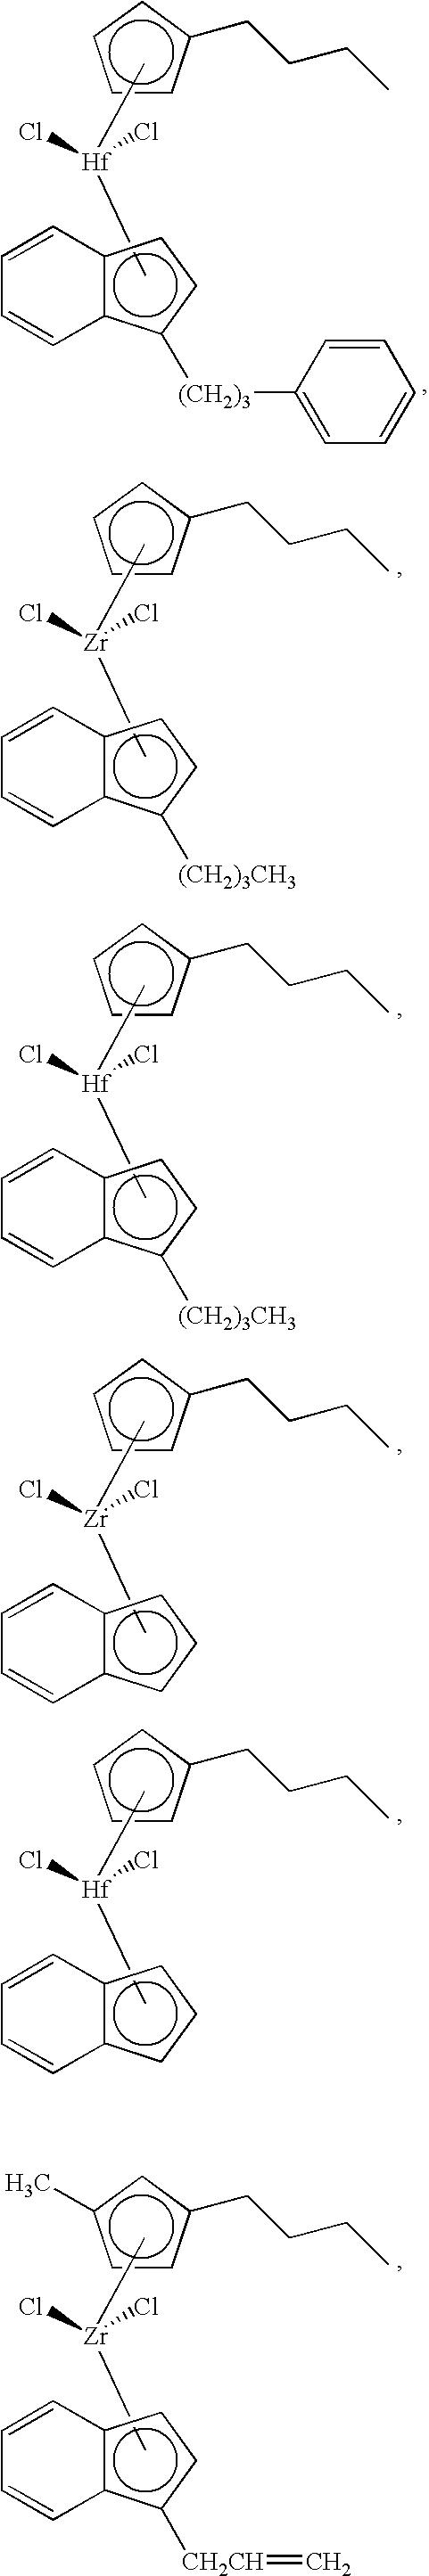 Figure US07619047-20091117-C00022